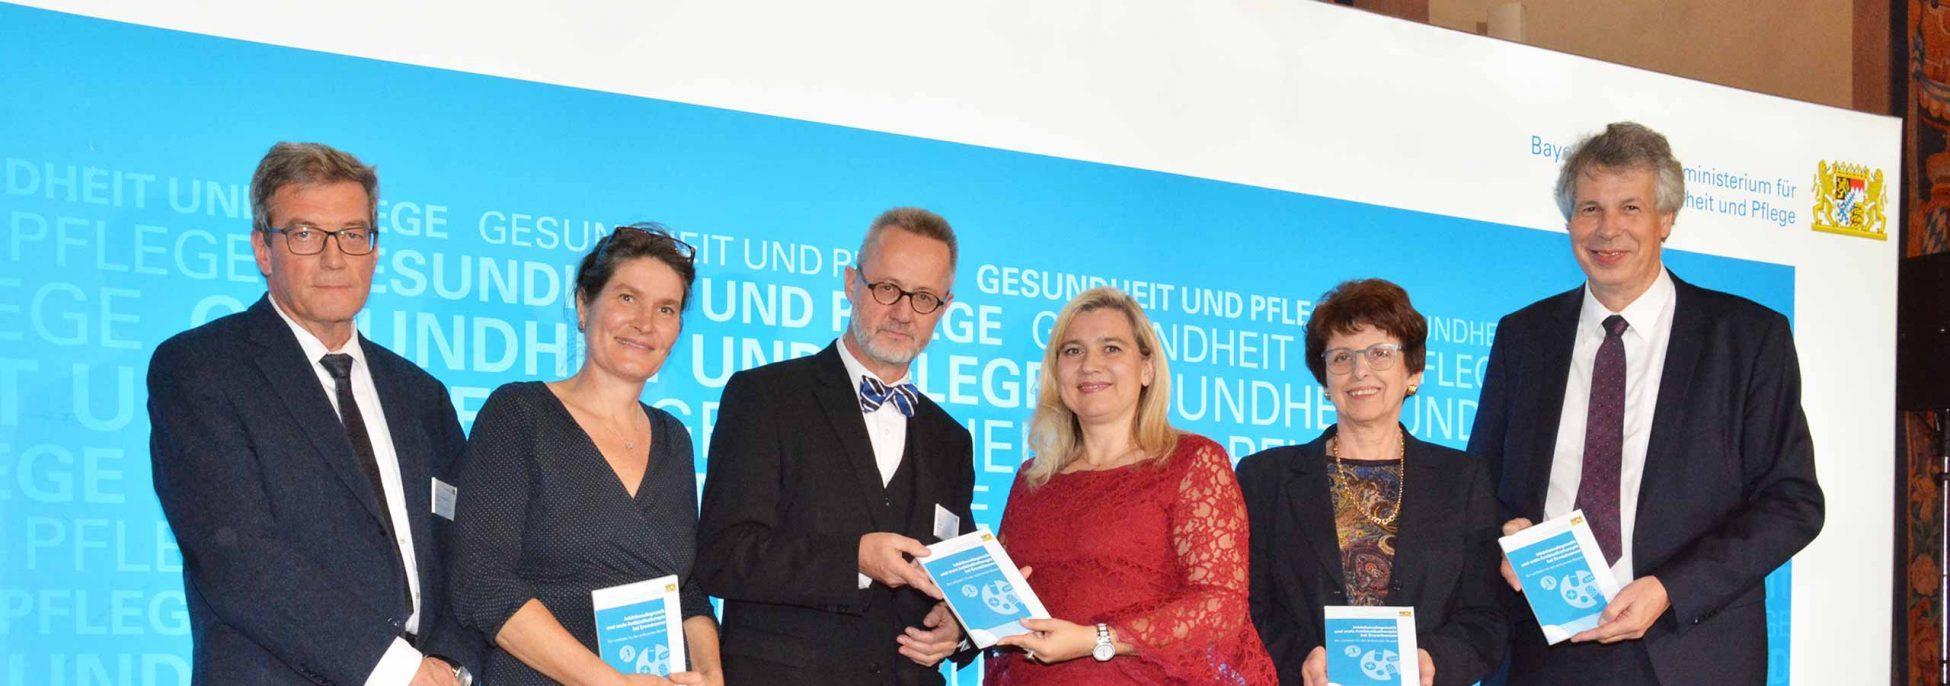 10. Symposium der Bayerischen Landesarbeitsgemeinschaft resistente Erreger (LARE)